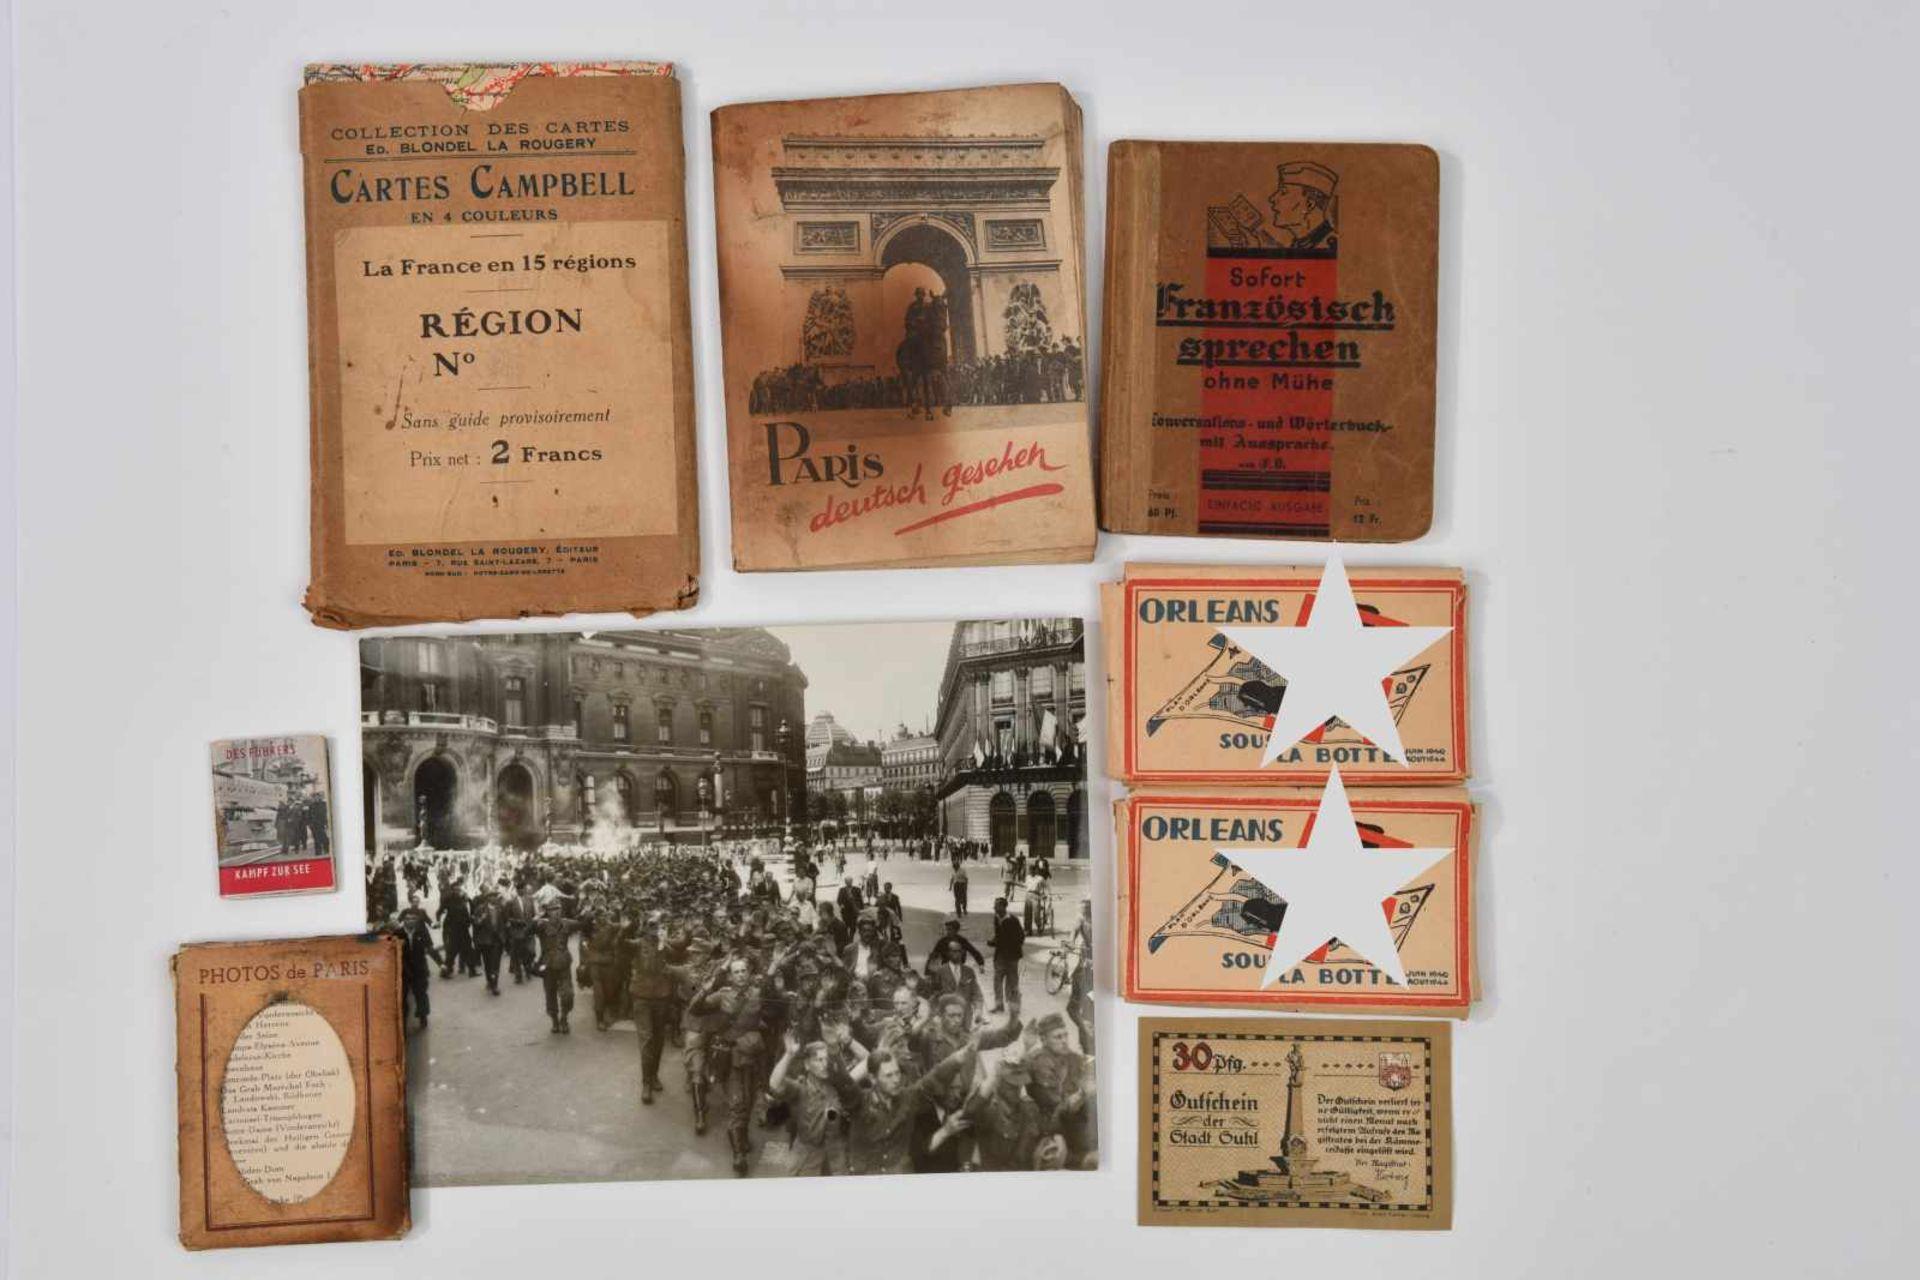 Ensemble de documents de l'armée allemande à Paris comprenant un livret «Paris Deustch Gesehen» (